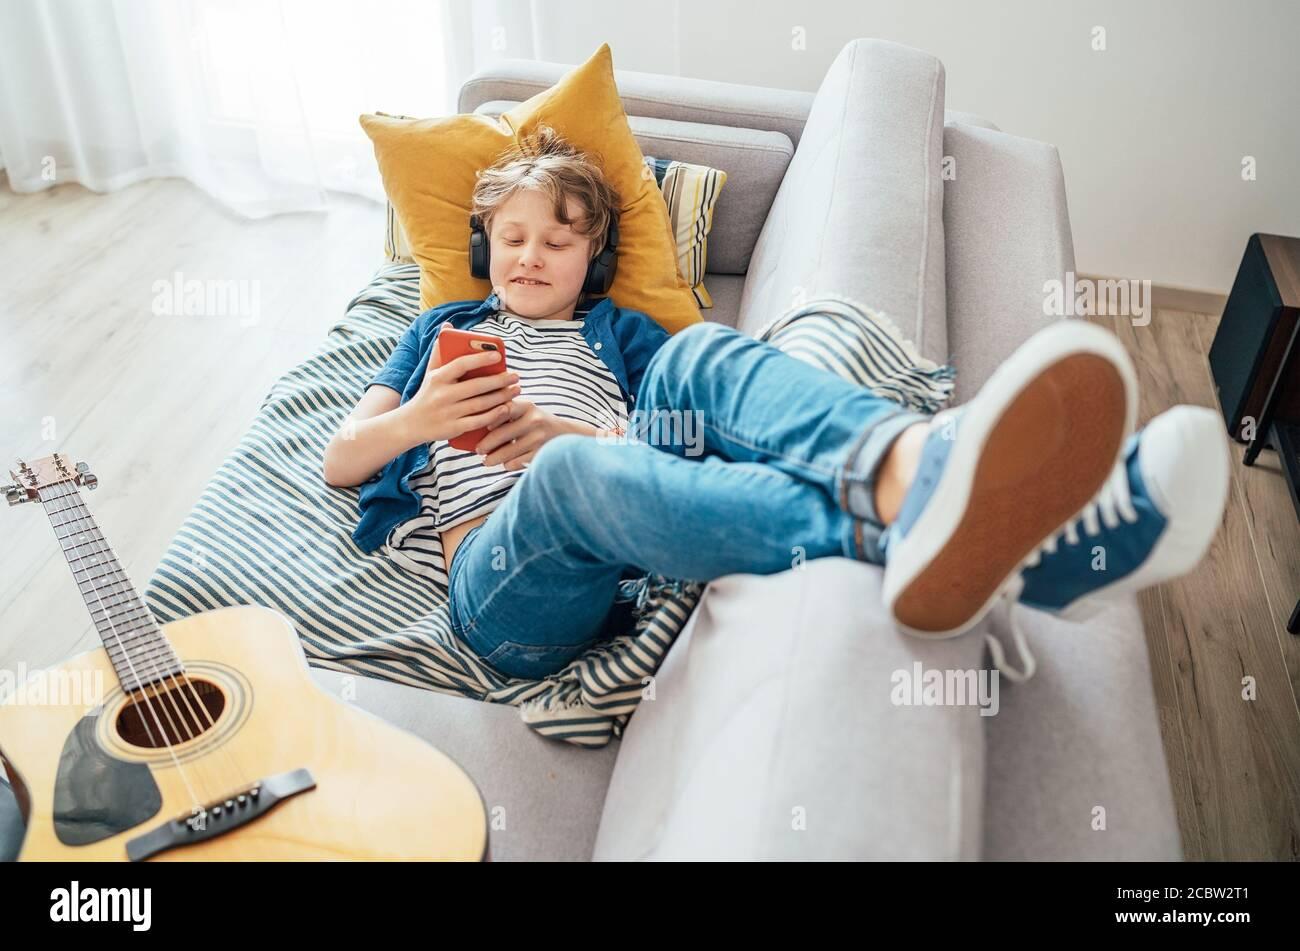 Ragazzo preseno sdraiato con la chitarra su un comodo divano vestito jeans casual e nuove sneakers ascoltare musica e chattare utilizzando cuffie wireless connesse w Foto Stock